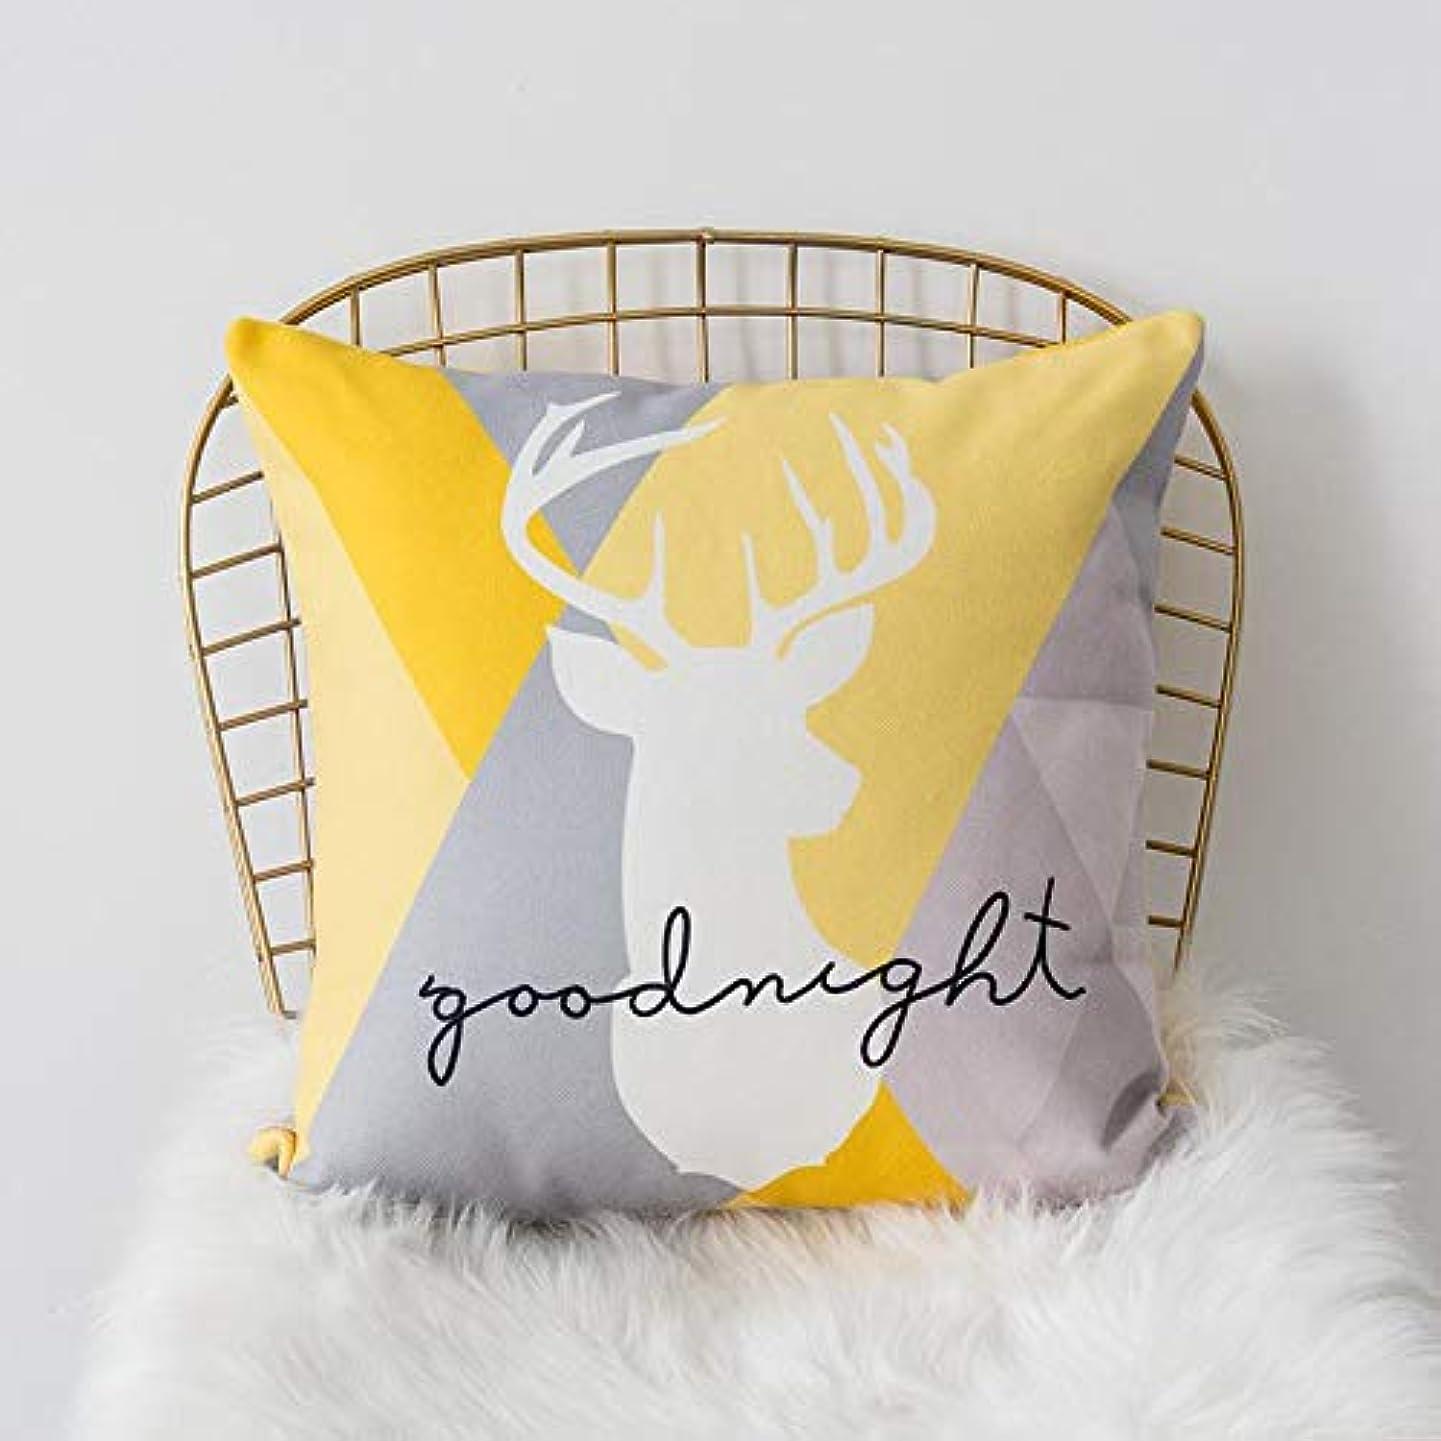 ルーキーマウス南極SMART 黄色グレー枕北欧スタイル黄色ヘラジカ幾何枕リビングルームのインテリアソファクッション Cojines 装飾良質 クッション 椅子